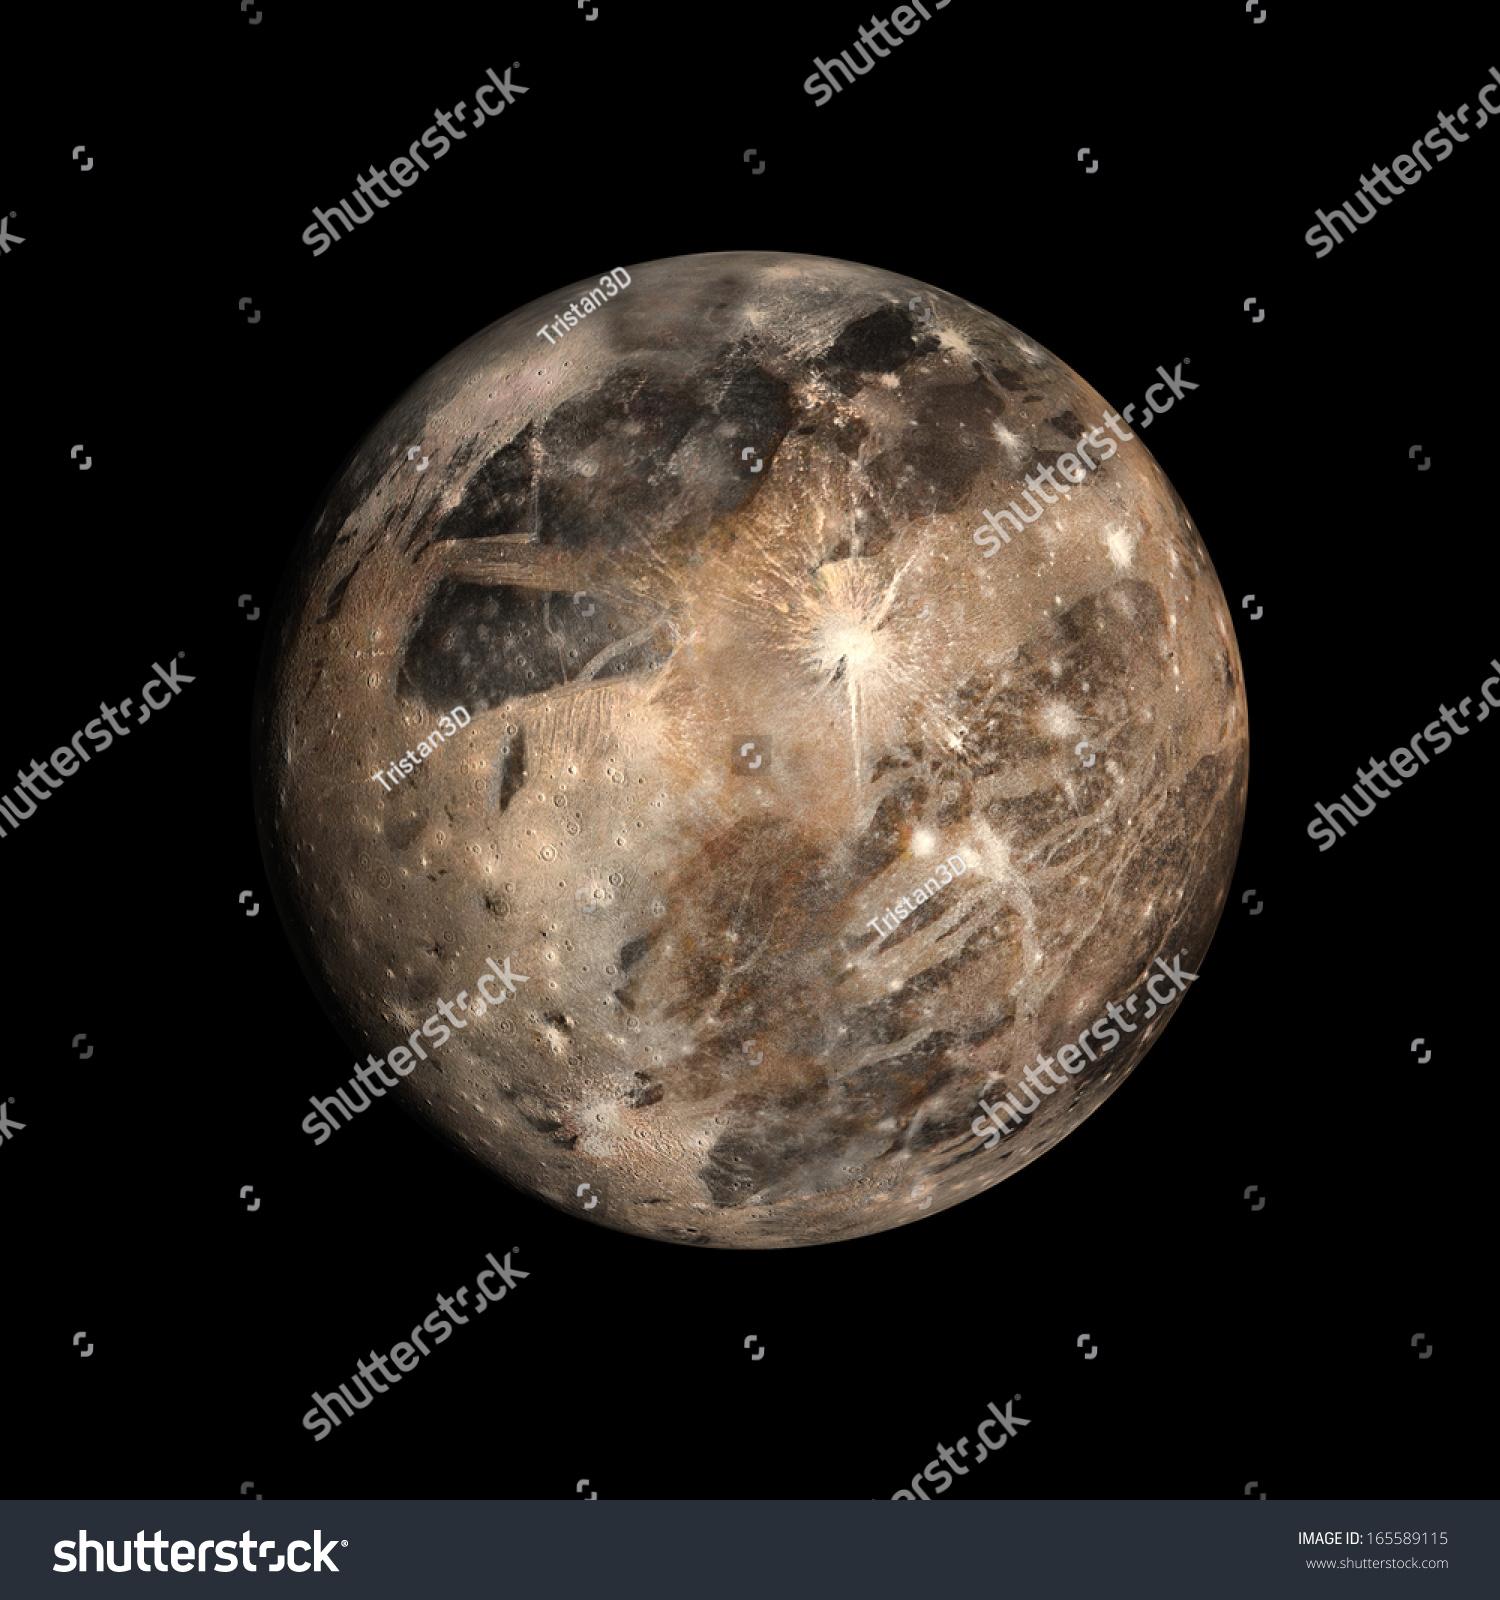 木星的月亮伽倪墨得斯的形象呈现在干净的黑色背景